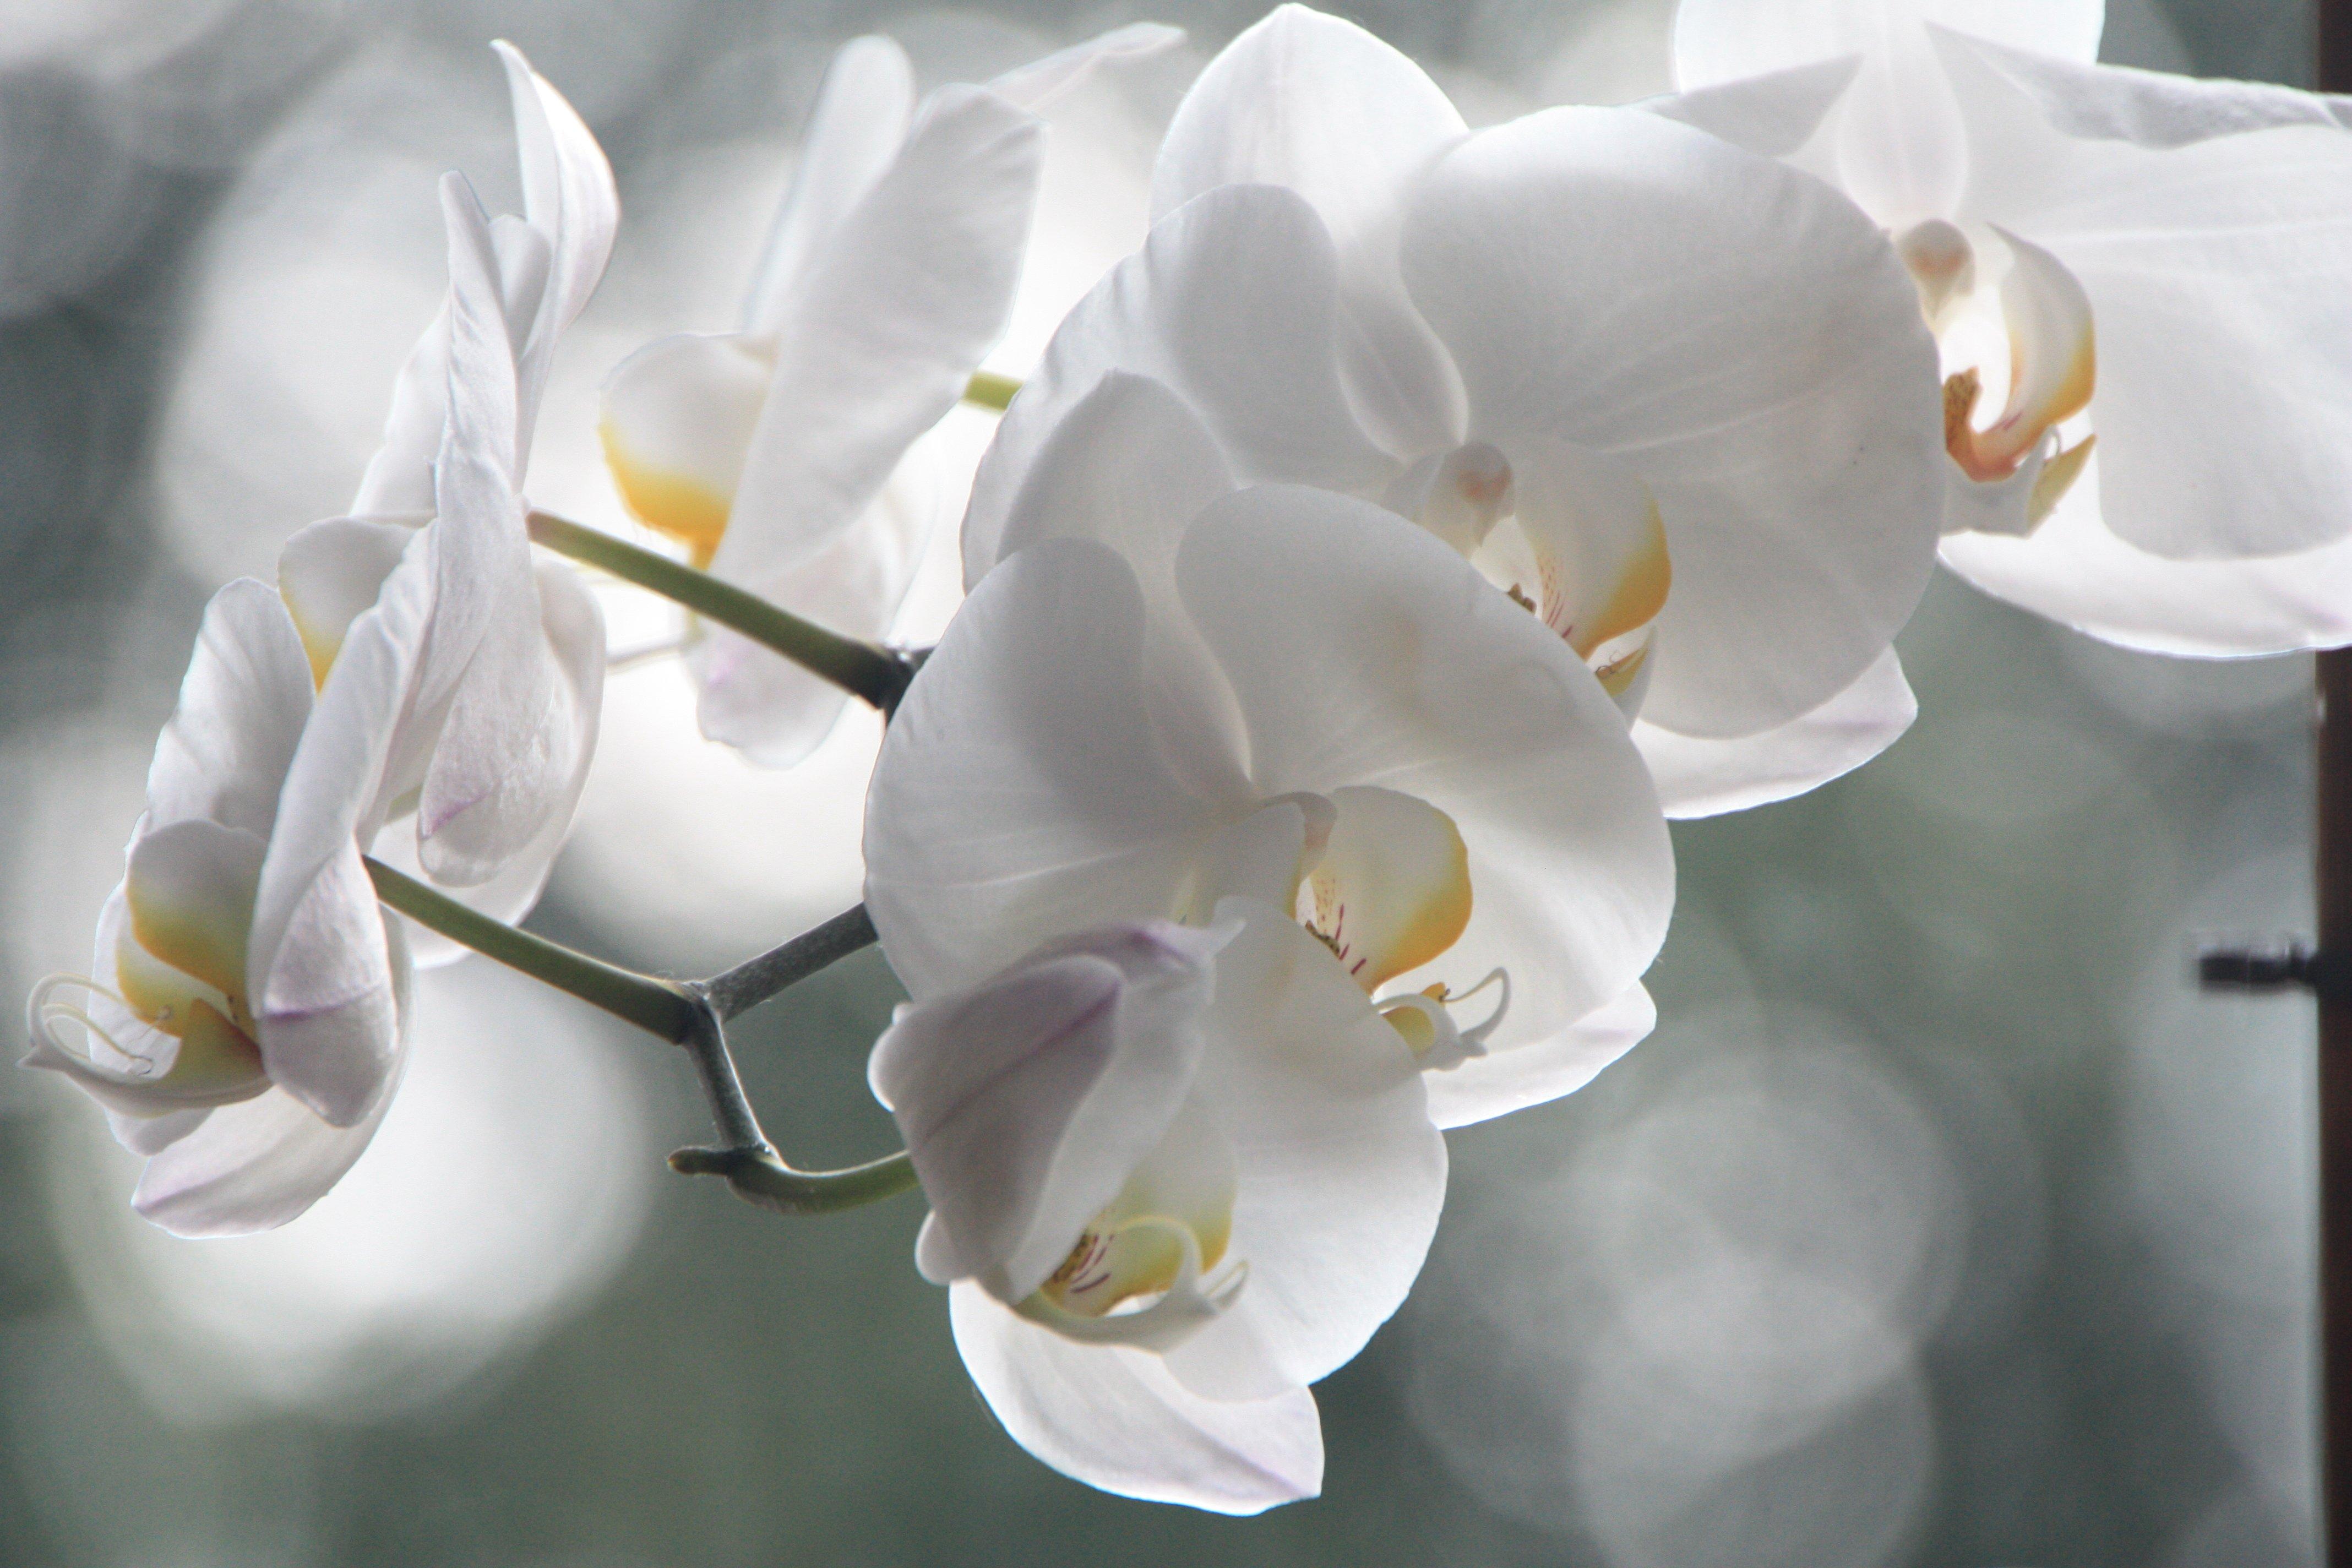 фотоэлементы картинка белой орхидеи на сером фоне рецепт любви счастья